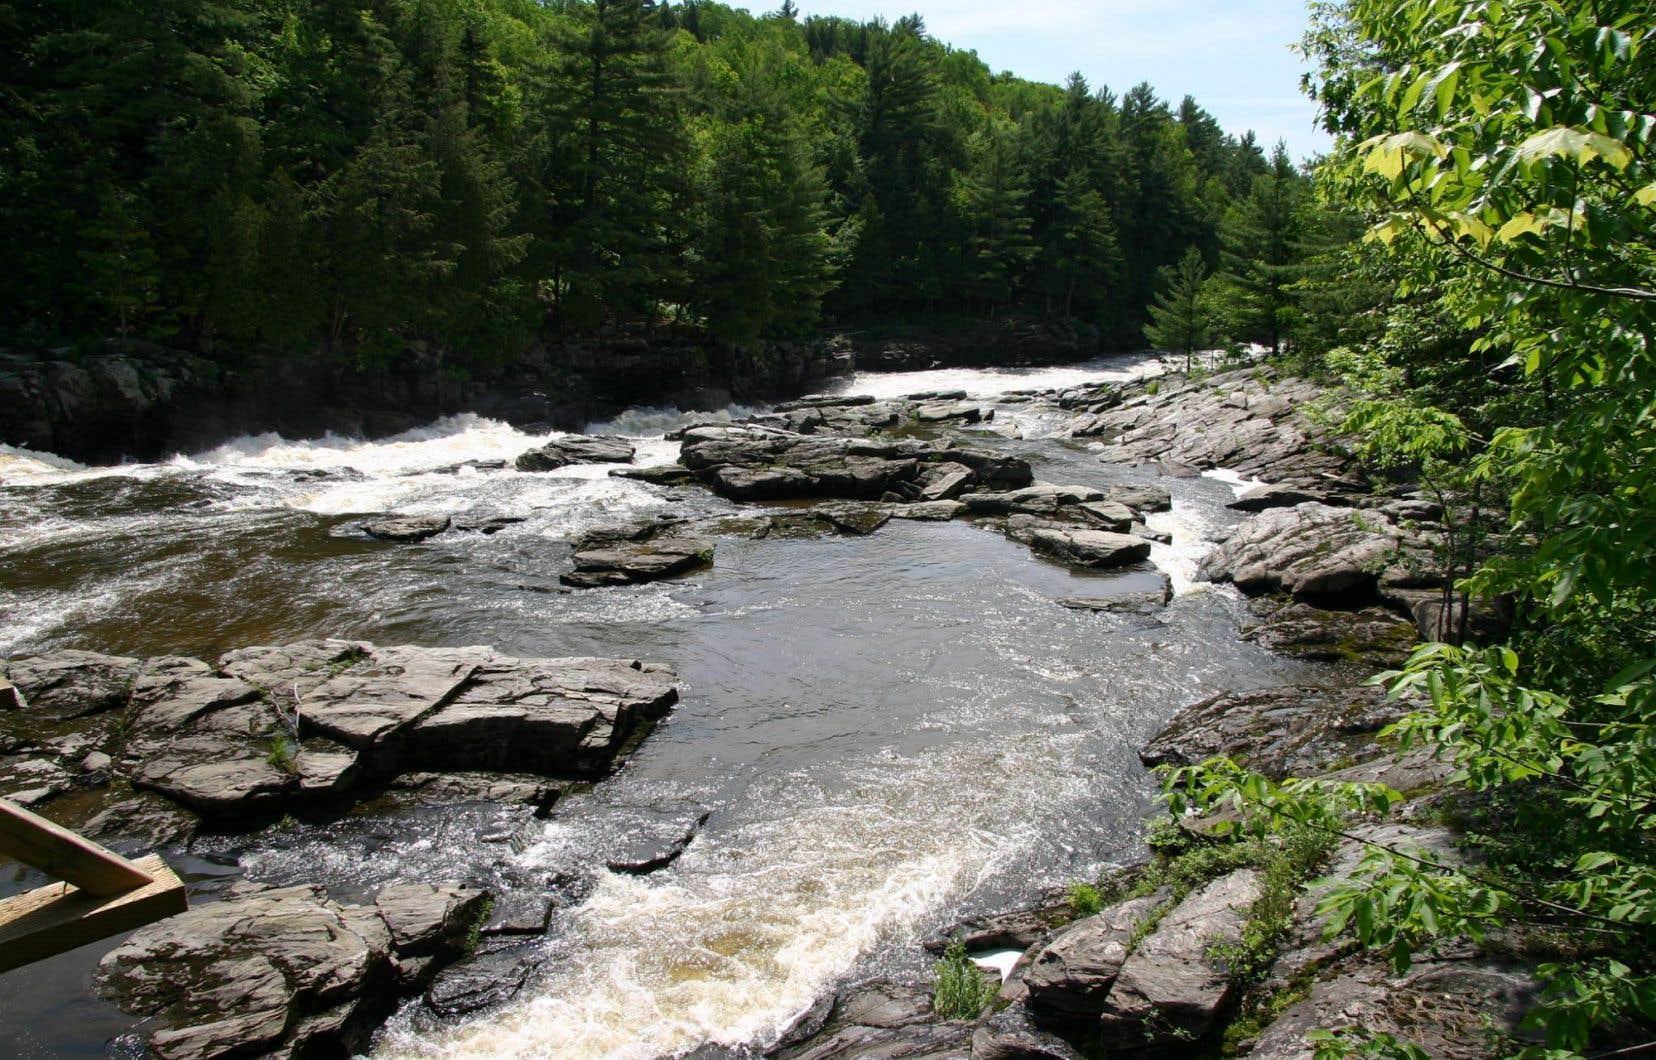 Le pipeline de TransCanada traversera le territoire de 69 municipalités québécoises, des milieux naturels et 641 cours d'eau, dont plusieurs servent de source d'eau potable.